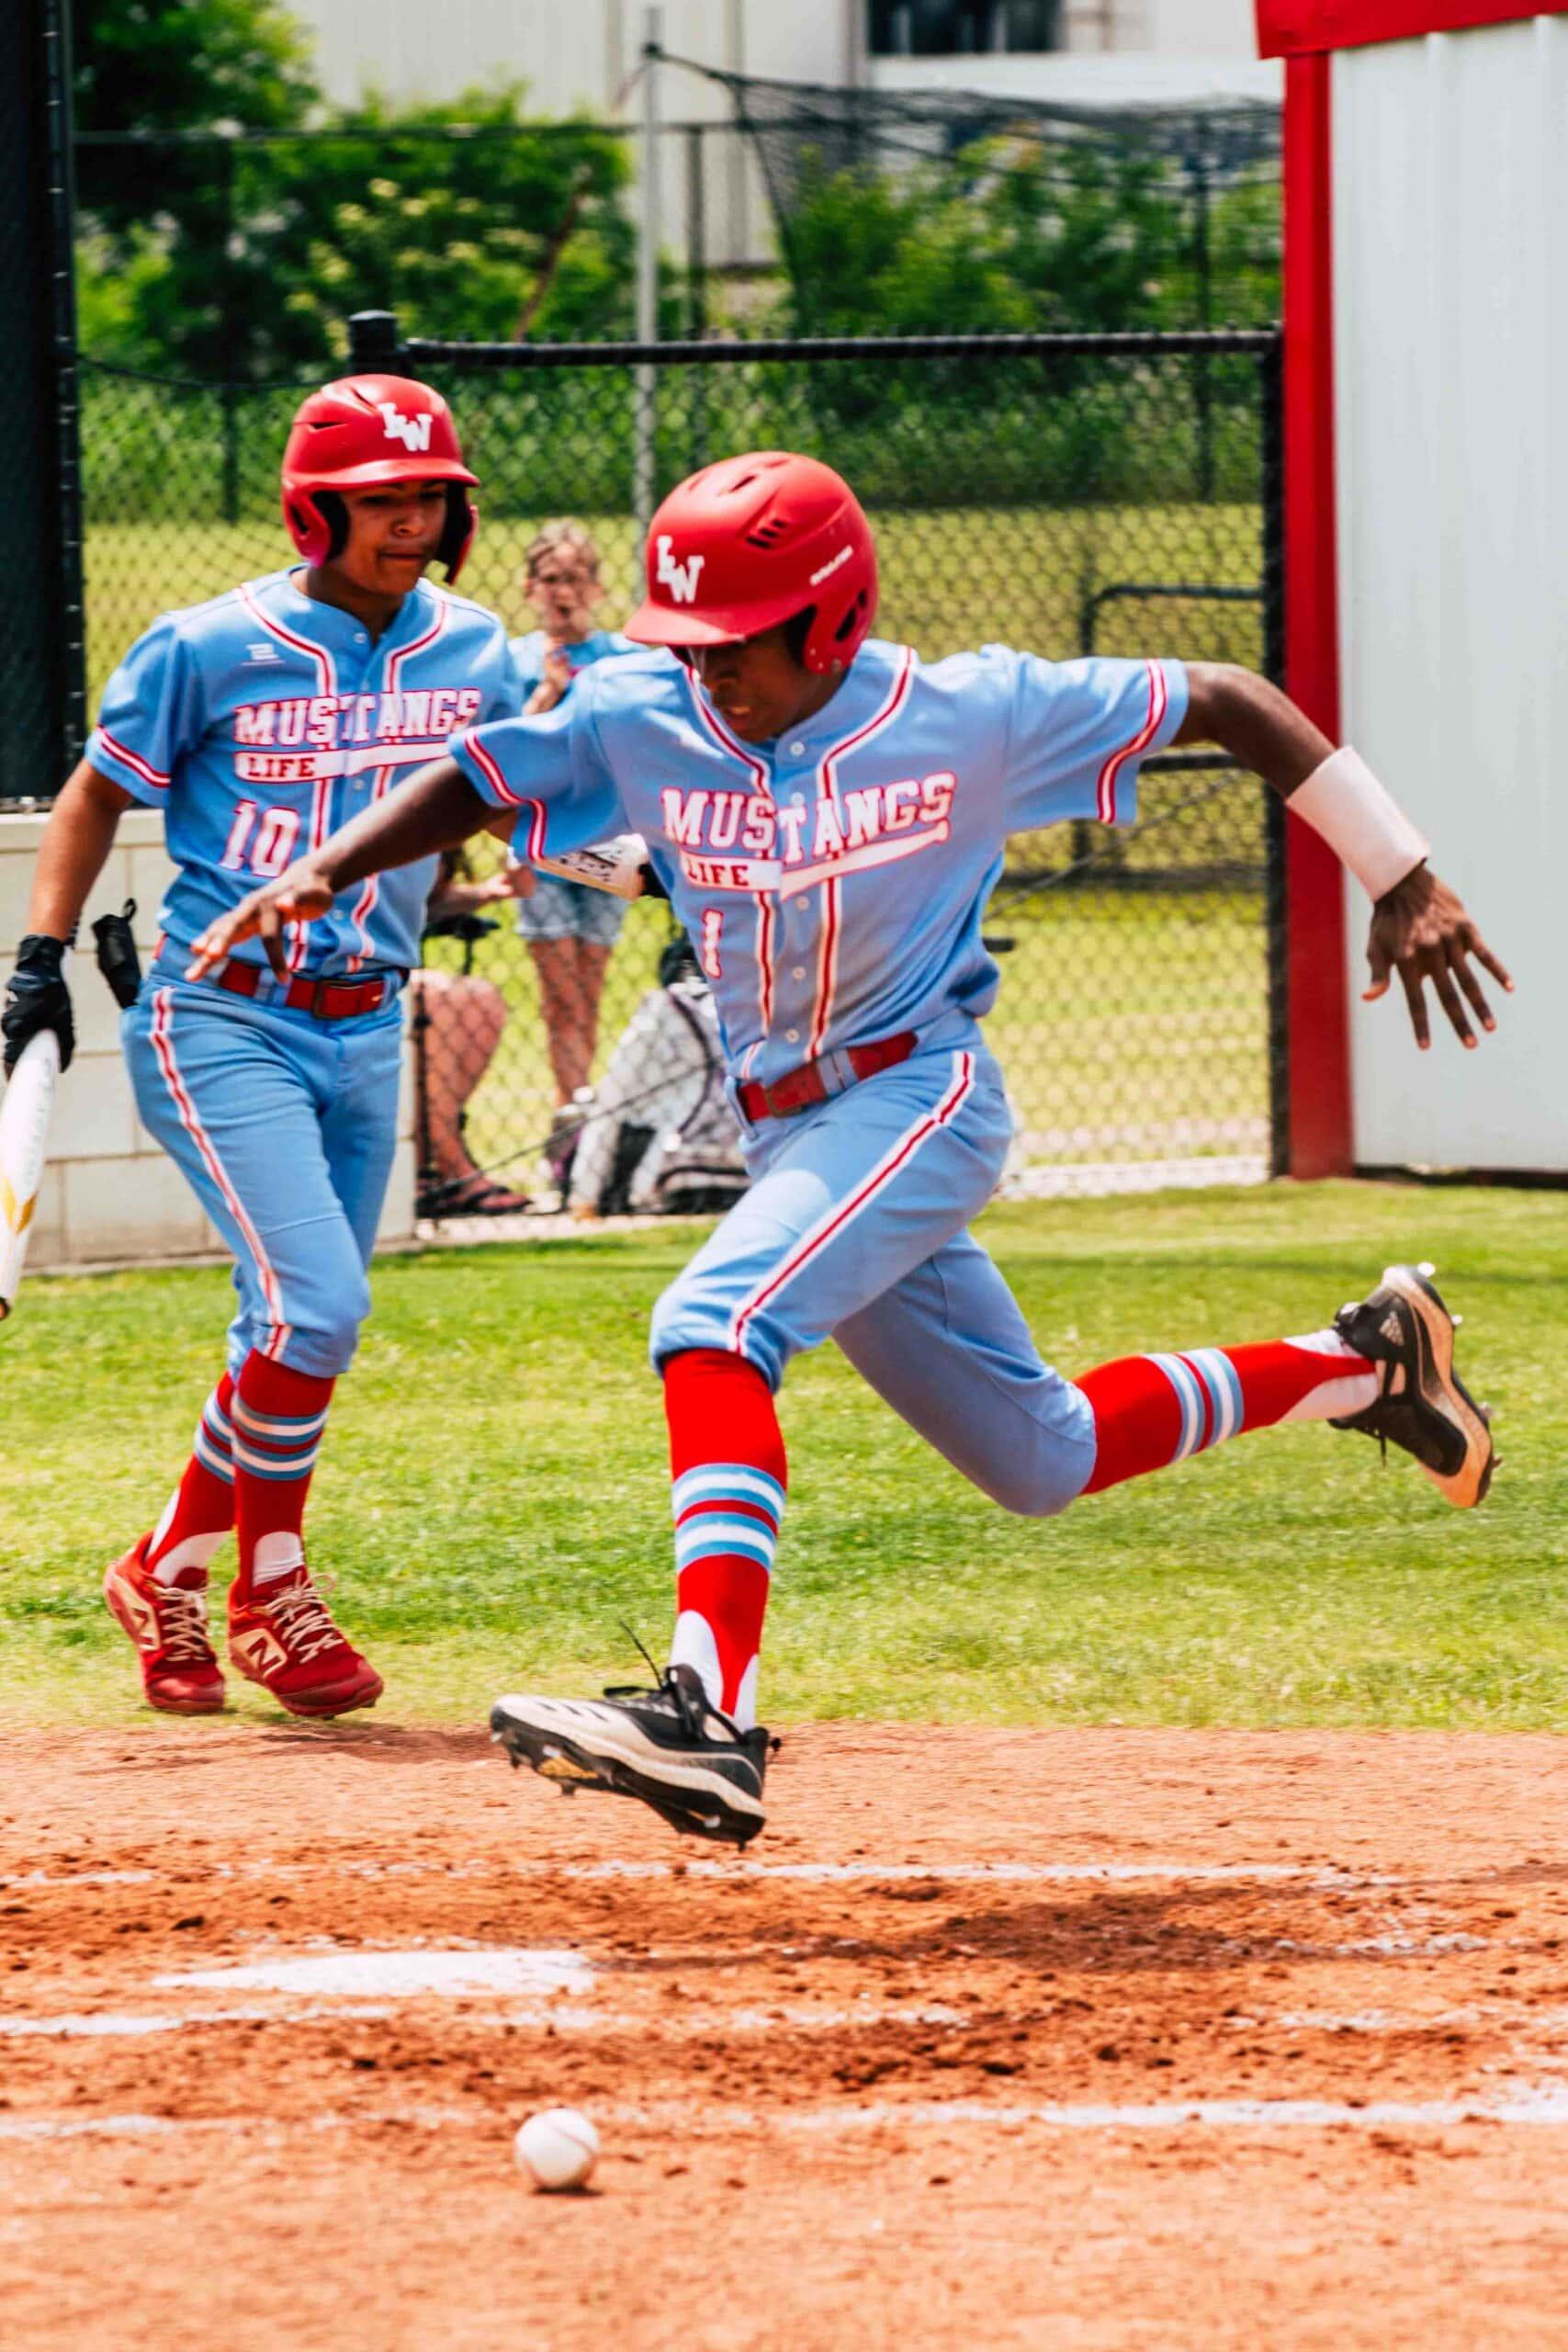 Baseball player running midstride